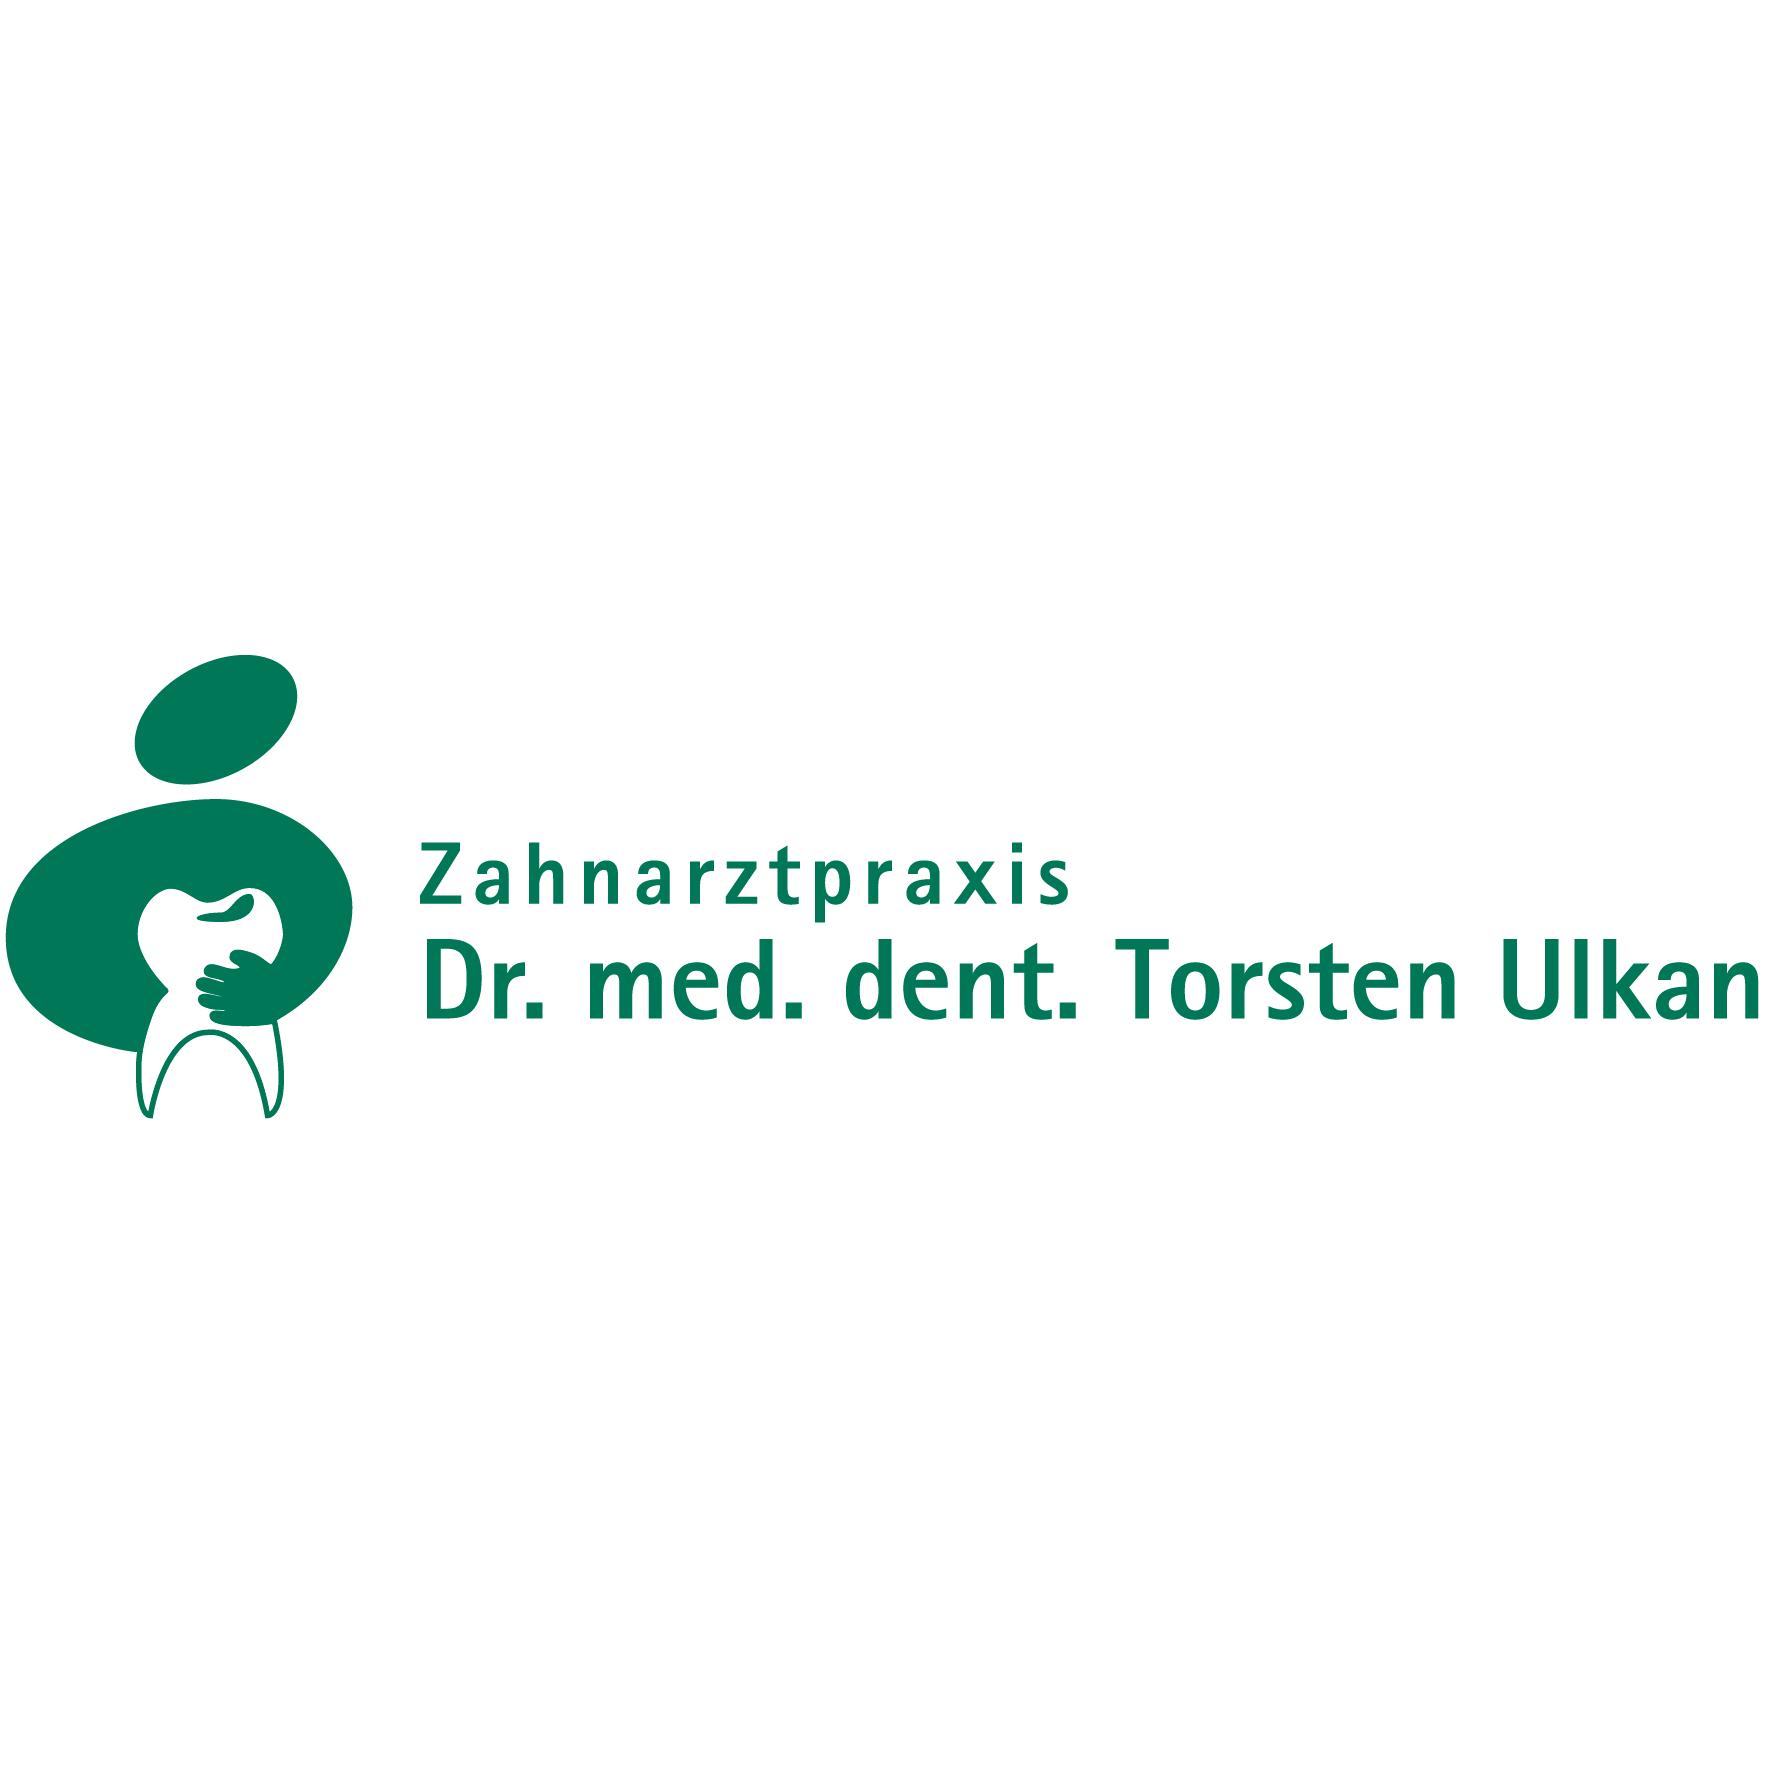 Zahnarztpraxis Dr. med. dent. Torsten Ulkan